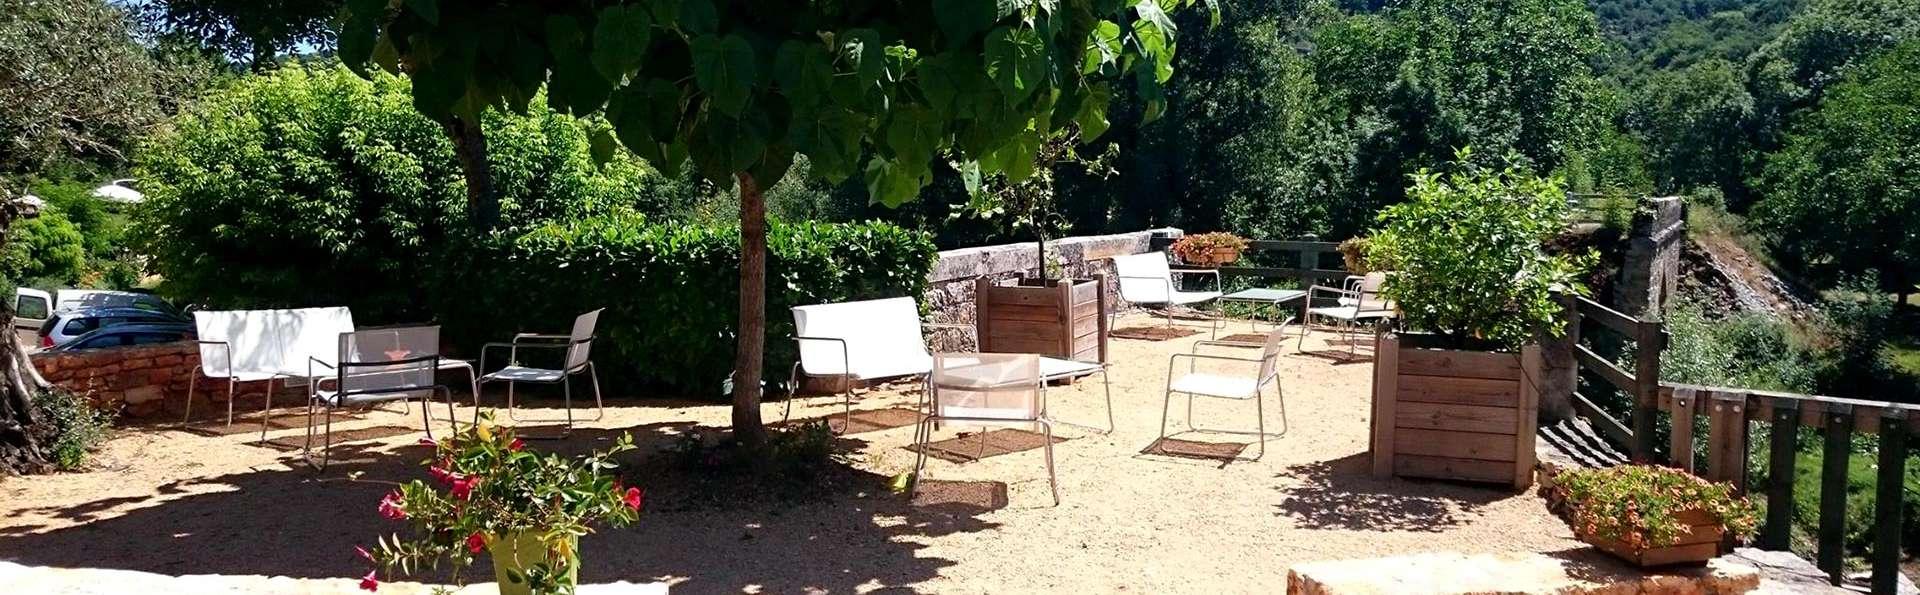 Week-end dans un hôtel de charme à proximité de Rocamadour